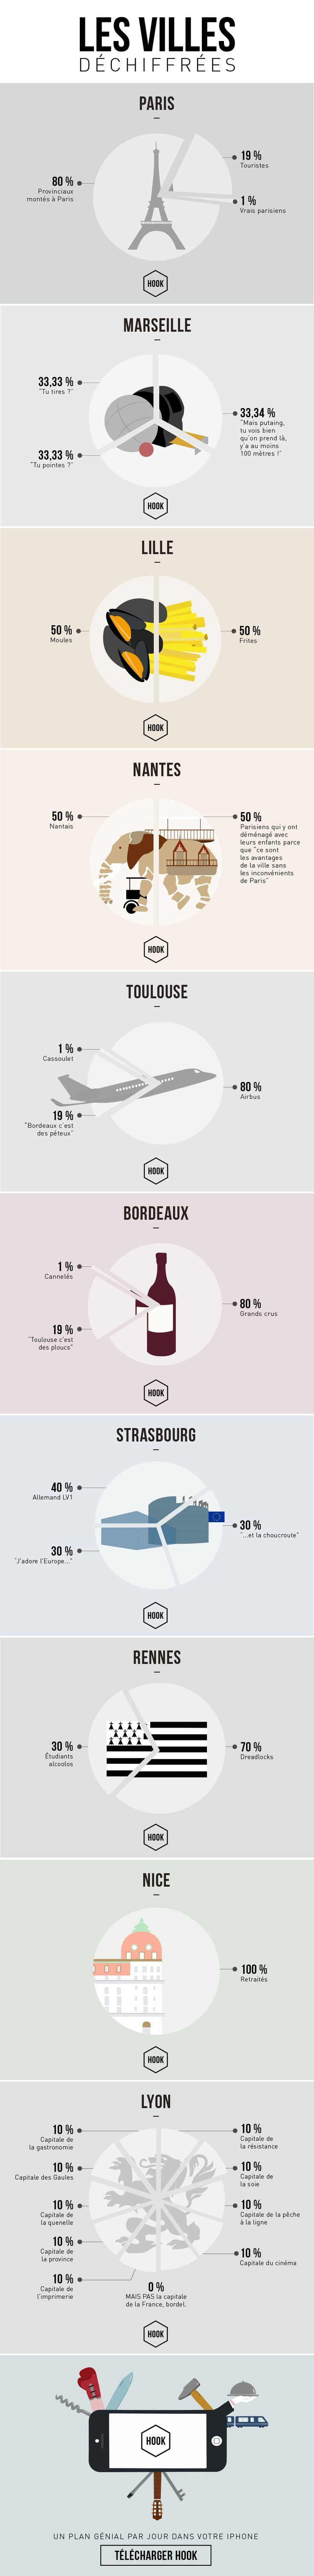 Infographie : dix villes de France et leurs clichés | Vanity Fair